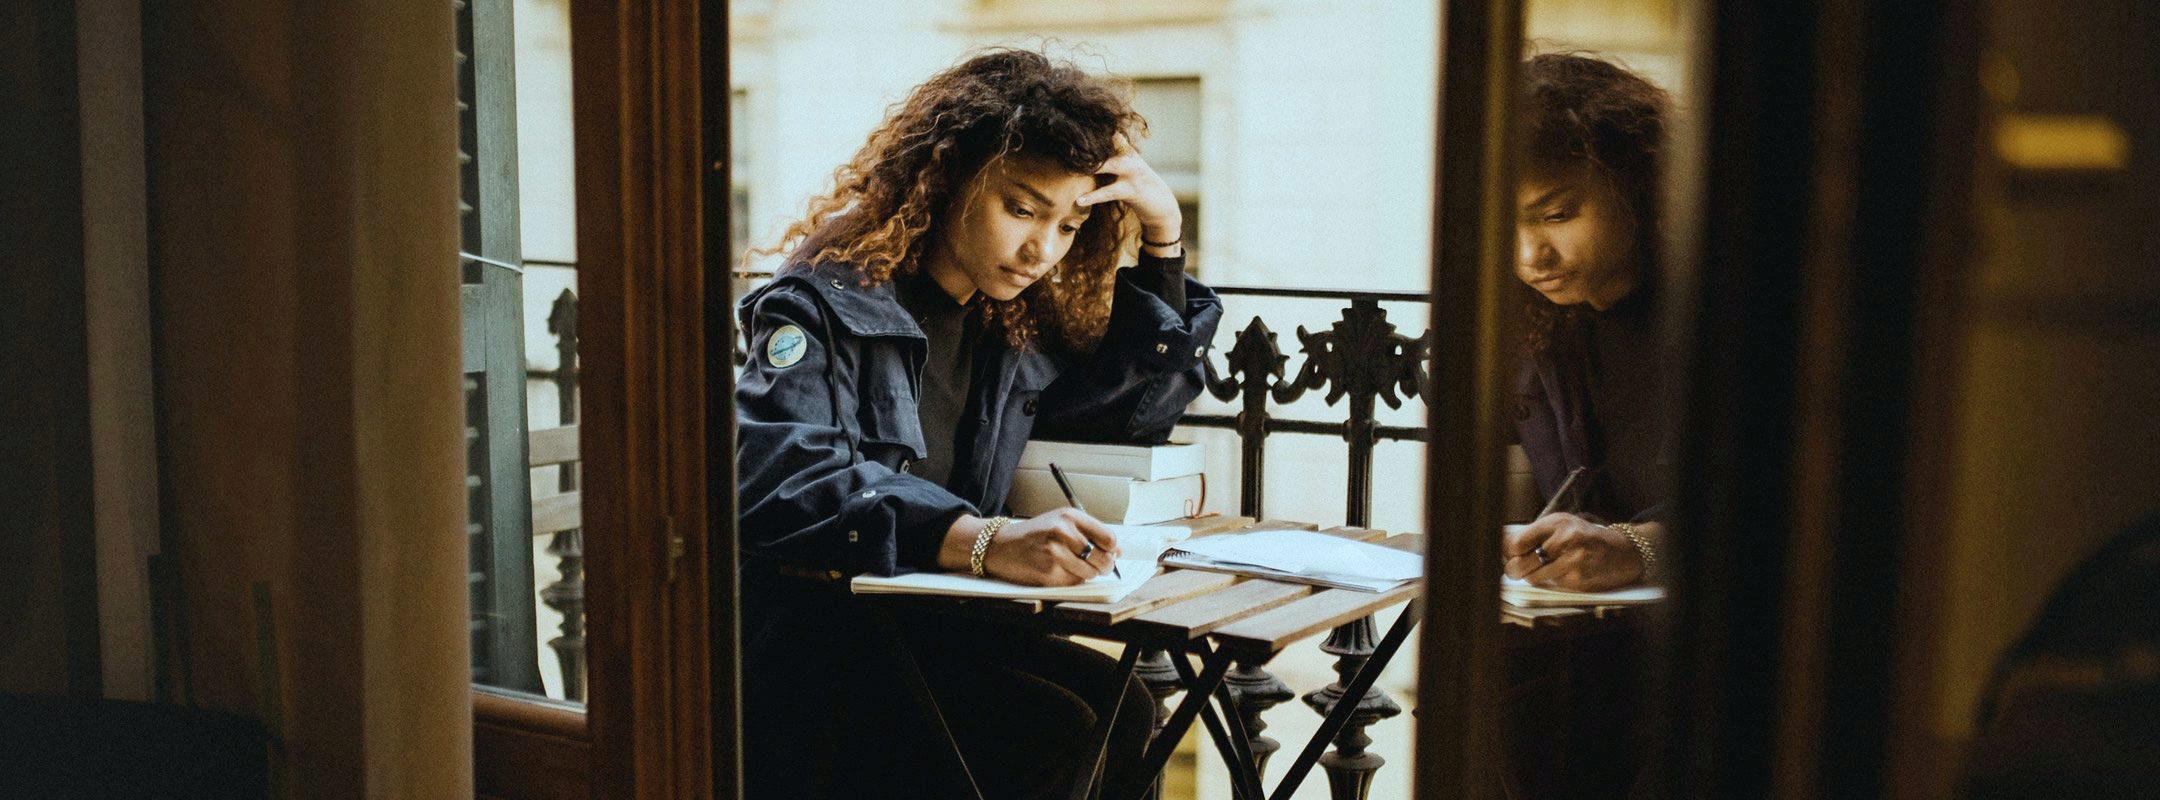 Wie du die erste Hürde deines Jurastudiums meisterst! TalentRocket erklärt.